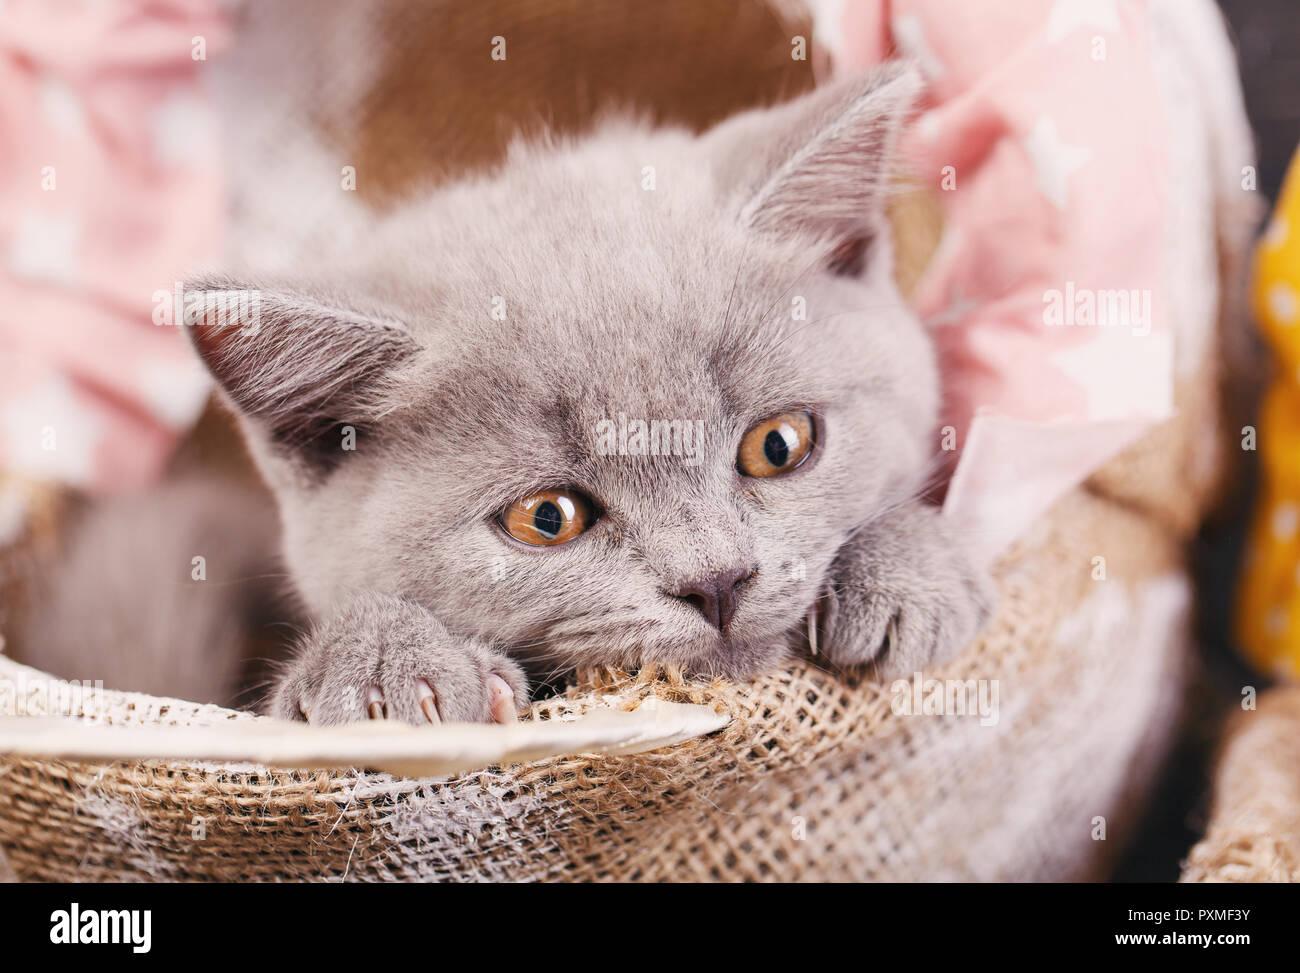 Chaton tout droit écossais. Photographier un chaton à un studio de photo. Le chaton regarde vers le bas. Photo Stock